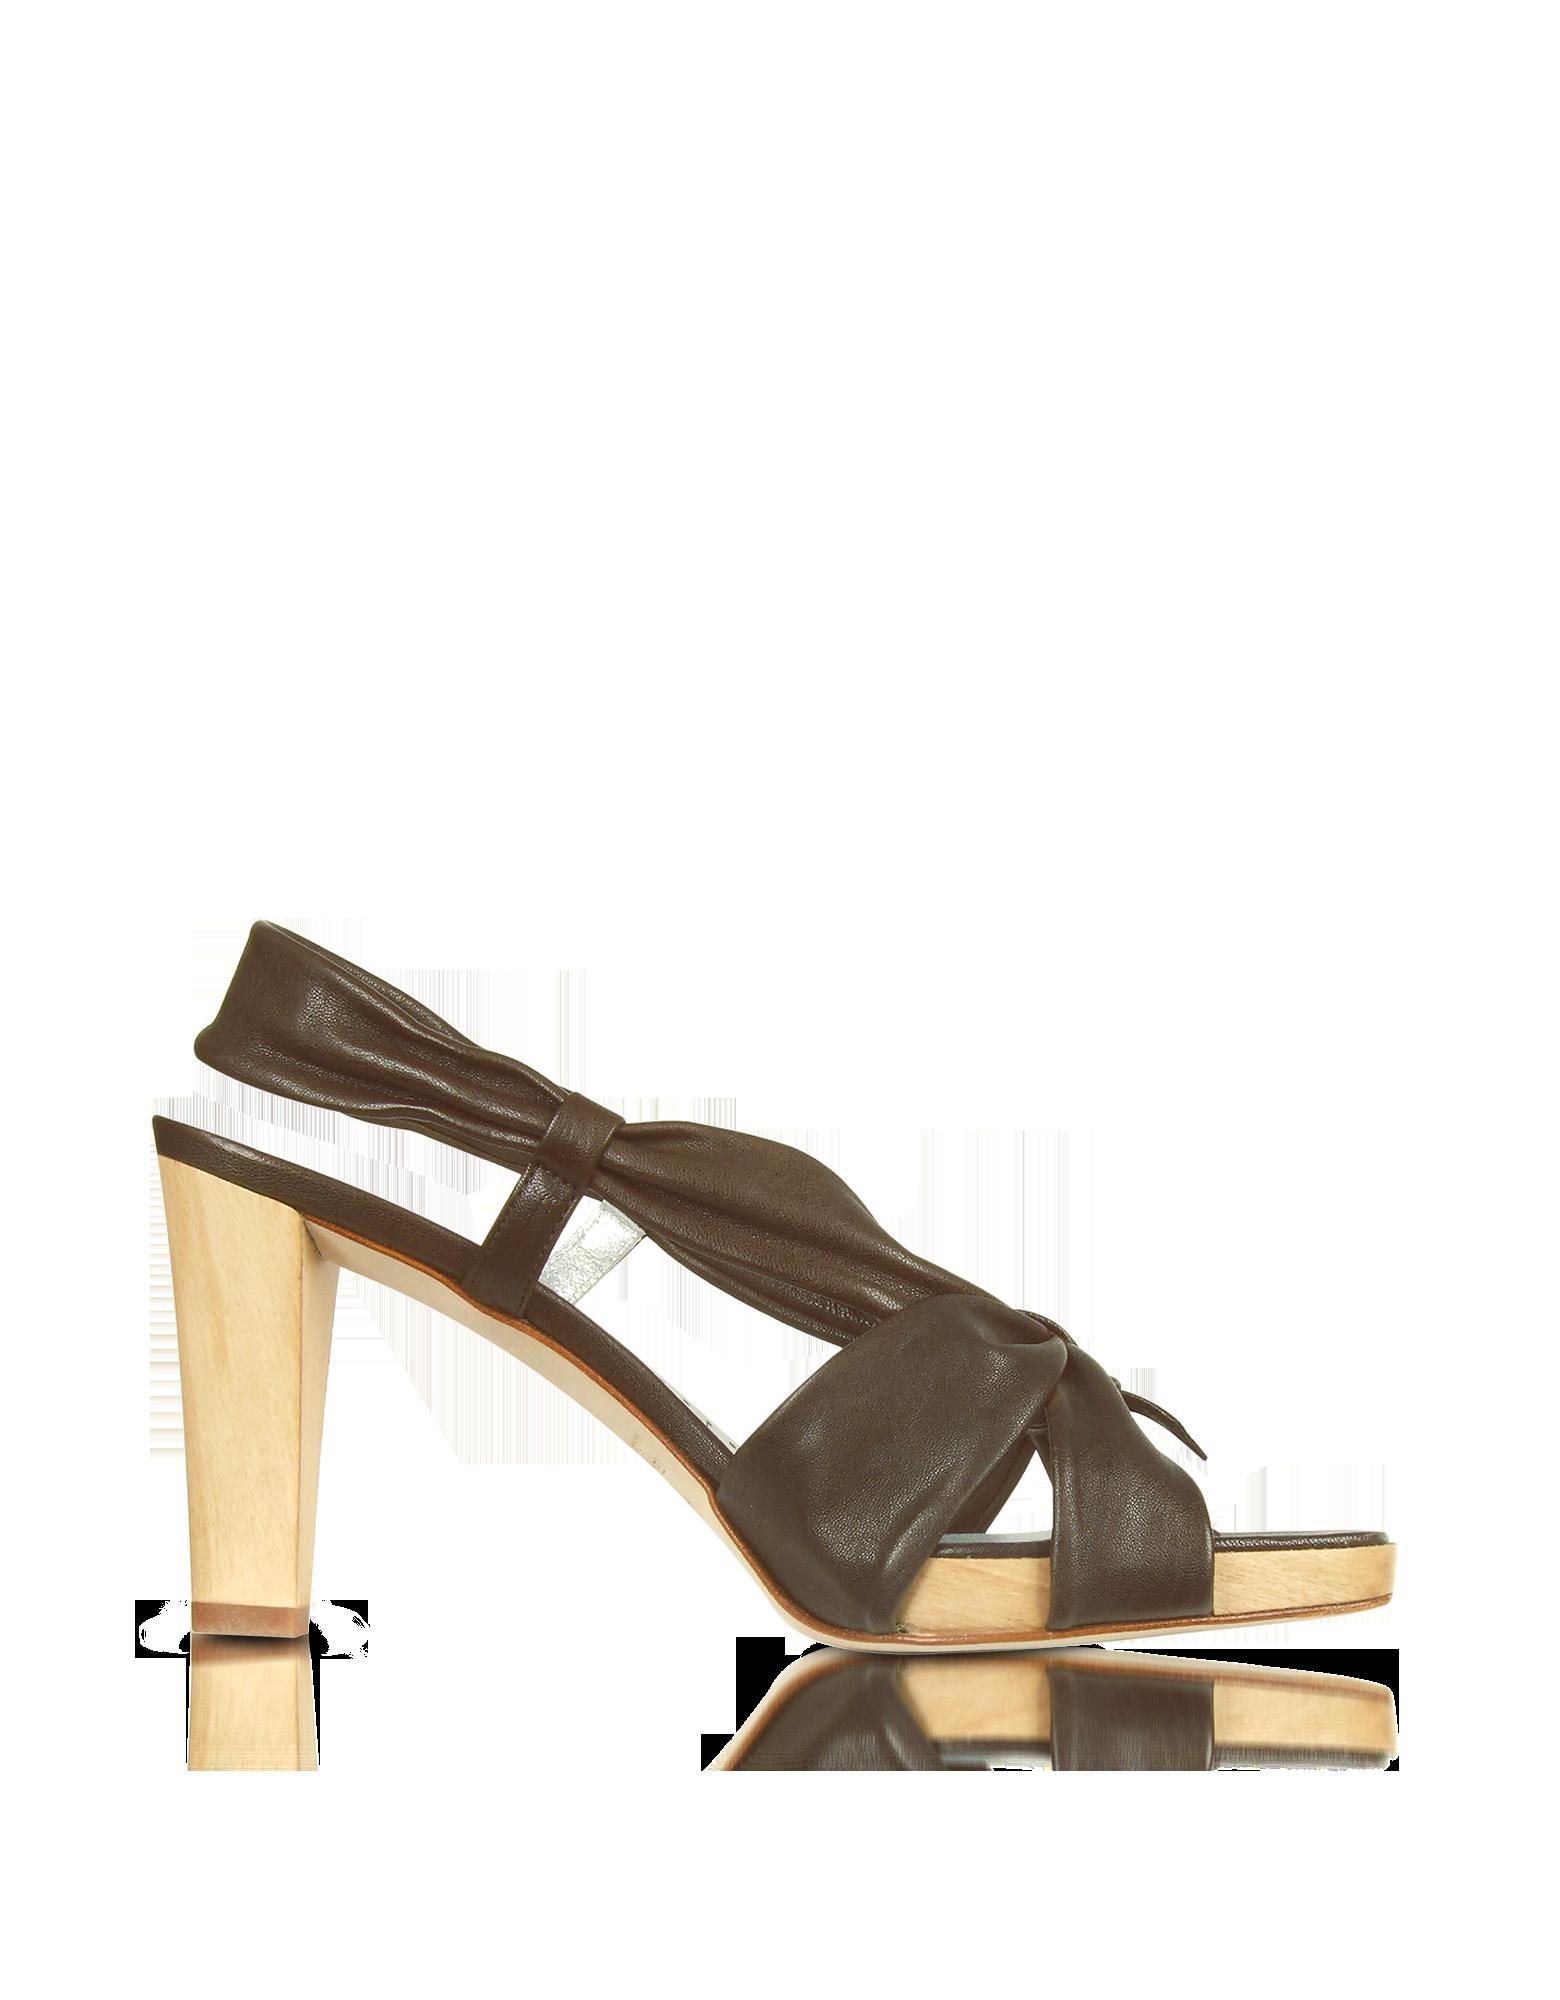 Image of Dark Brown Leather Straps Platform Sandal Shoes